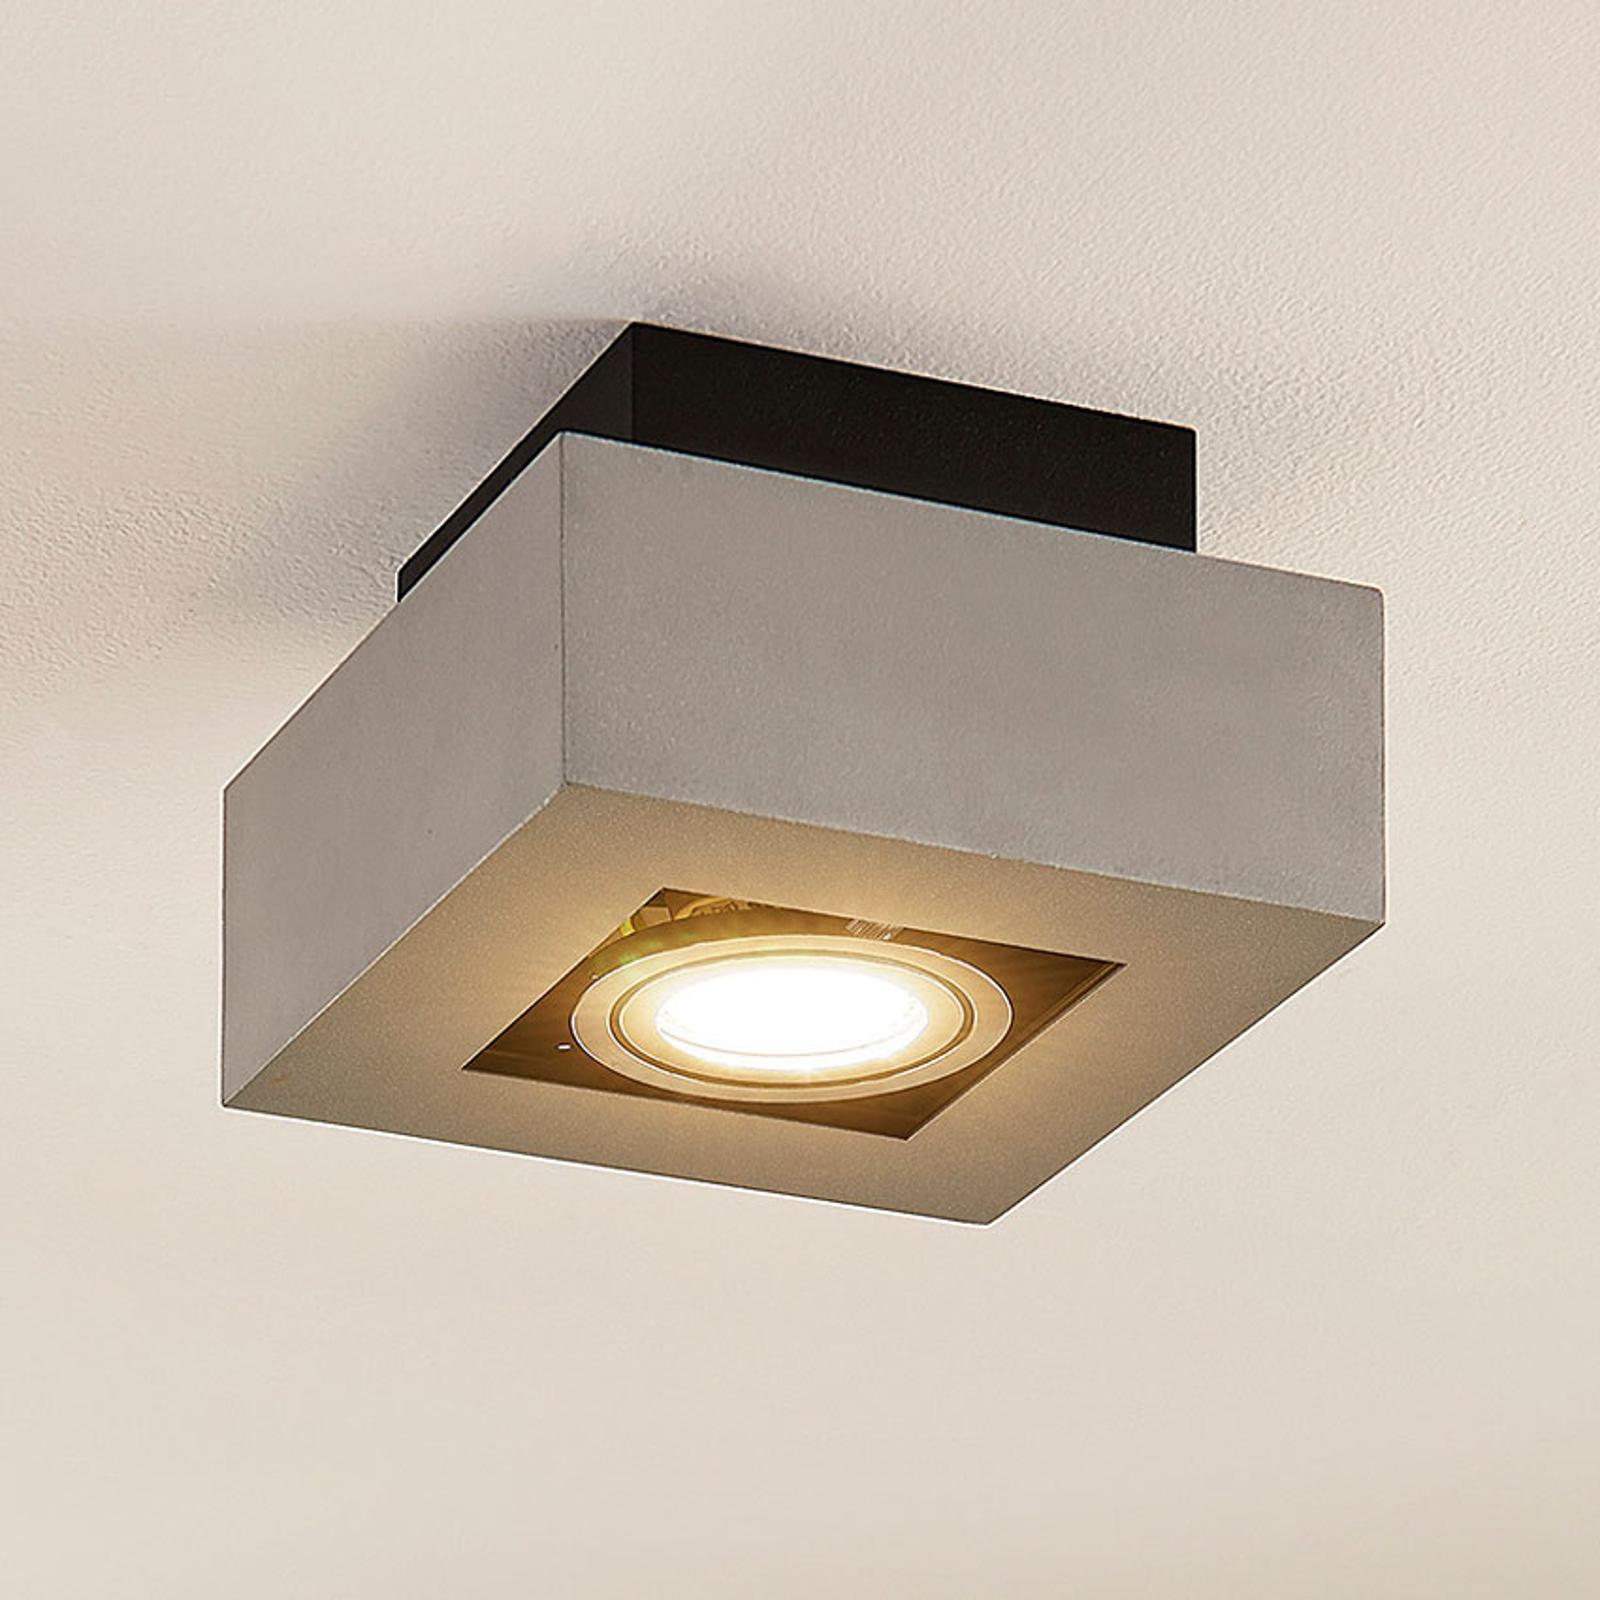 LED-taklampe Vince av aluminium